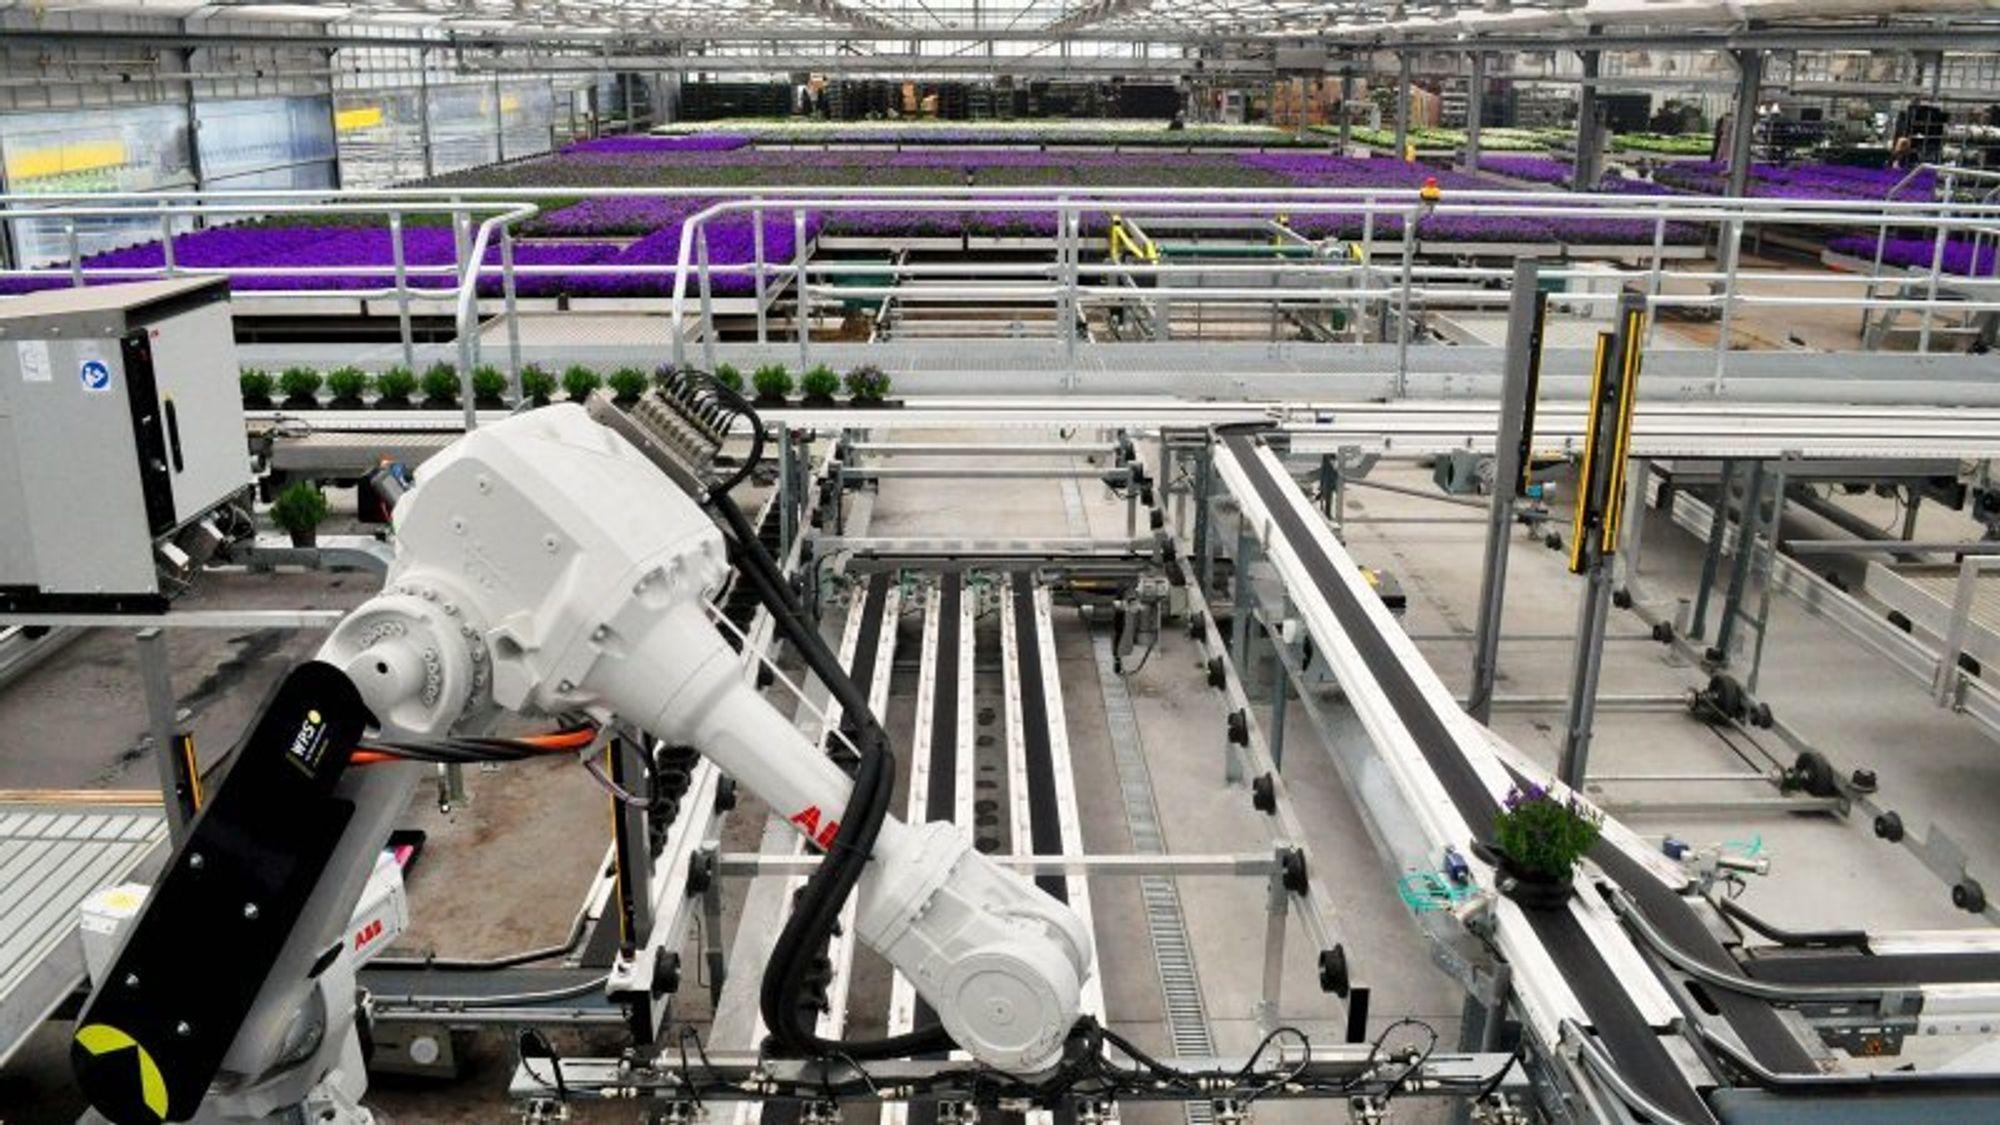 Det nye kombinerte robotanlegget med visuell kontroll hos Gartneriet PKM kan håndtere og sortere opptil 50.000 blomster i døgnet. Ifølge gartneriet er anlegget det første i sitt slag i Danmark. Inspirasjonen har PKM primært fått fra Holland, hvor leverandøren også kommer fra.